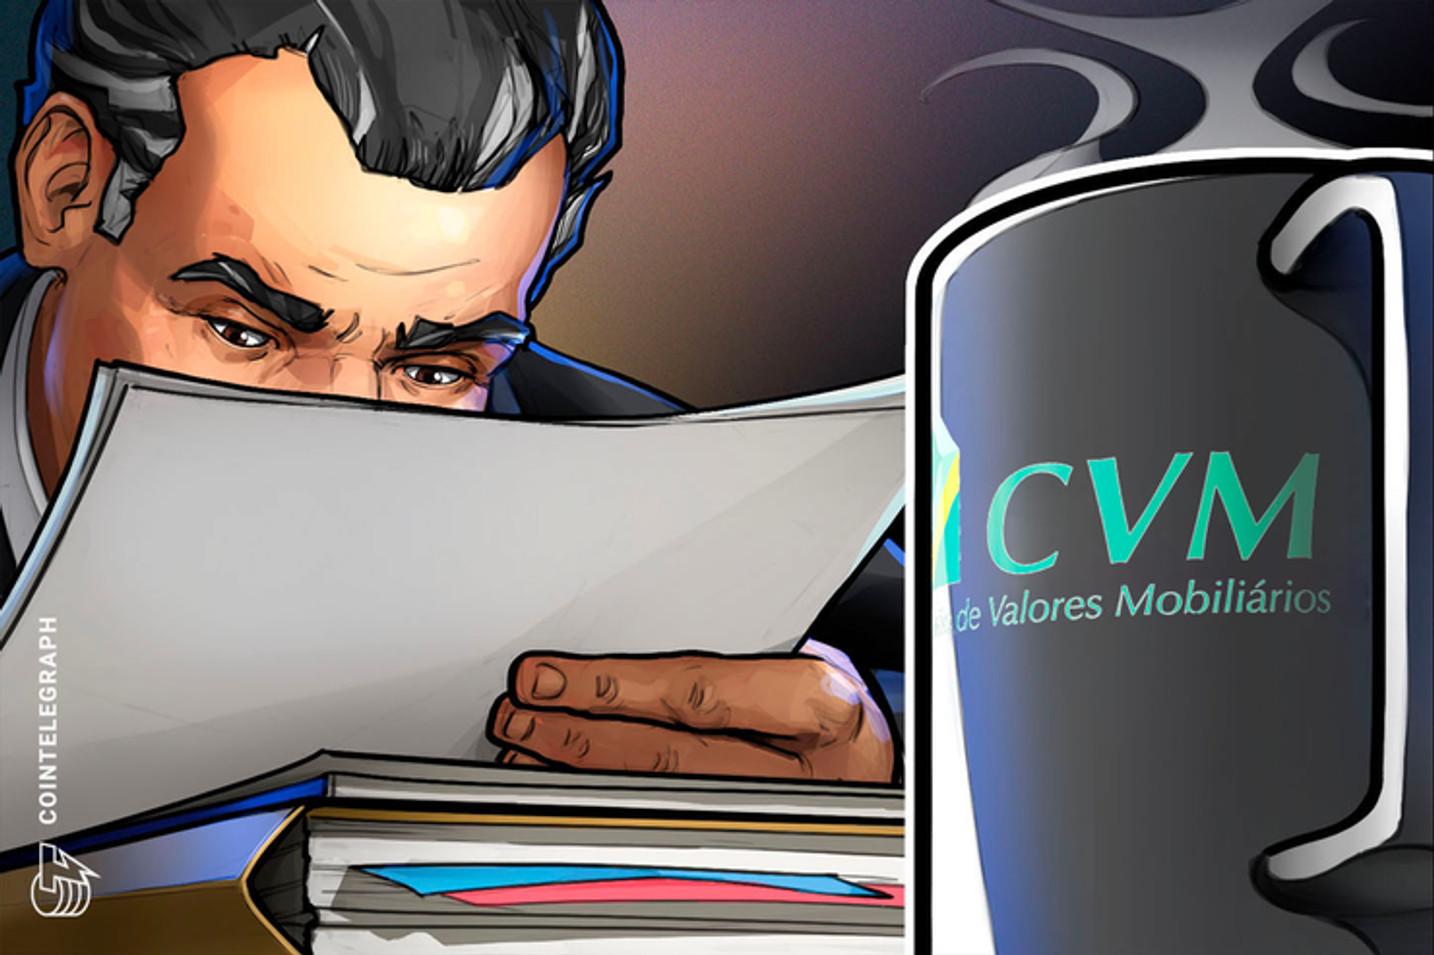 Urgente: CVM proíbe Grupo Bitcoin Banco, Cláudio Oliveira, Wemake Capital e Evandro Jung de oferecer investimentos coletivos no Brasil